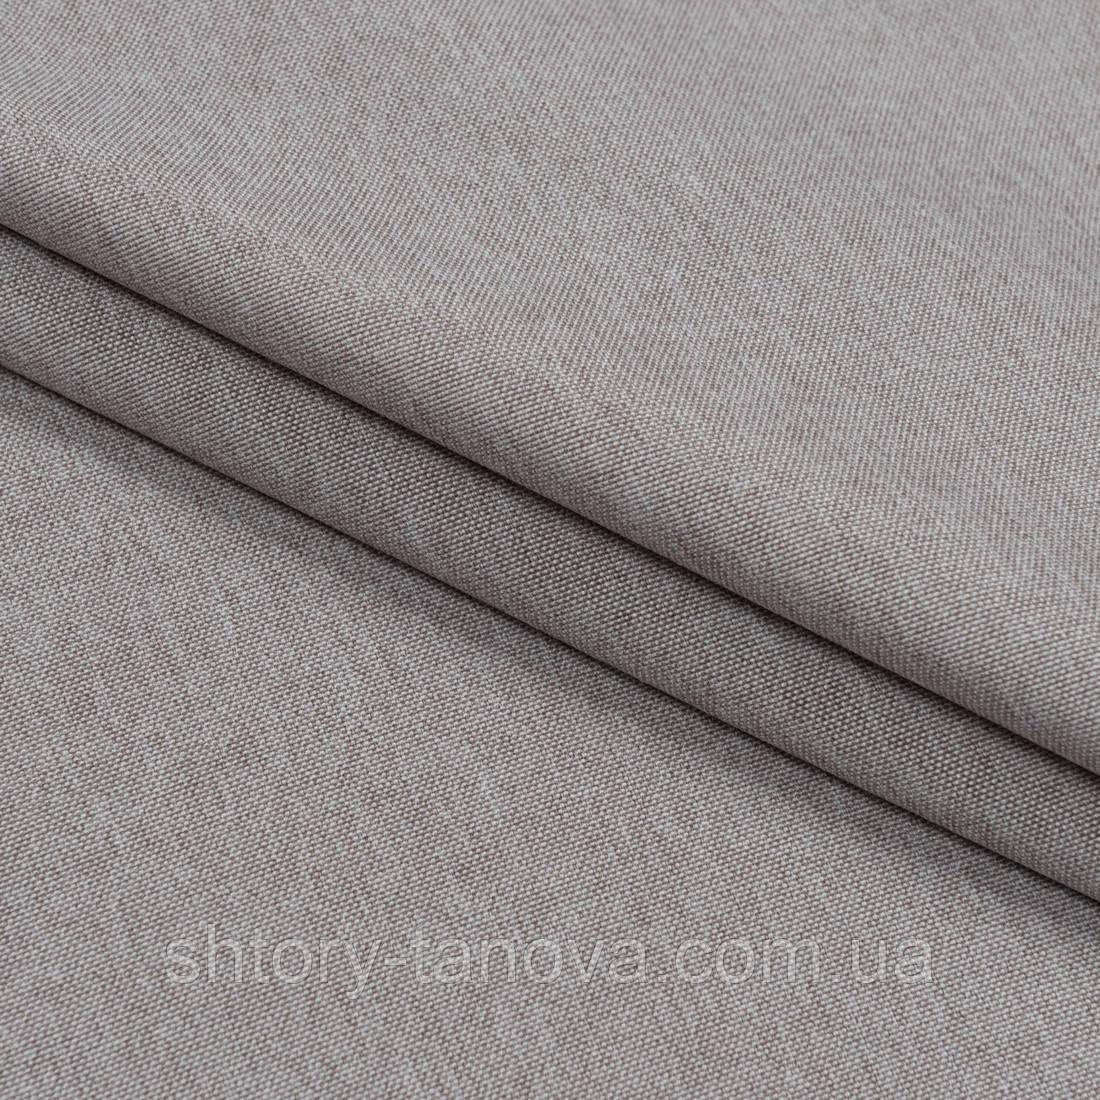 Декоративная ткань плотная рогожка  капучино